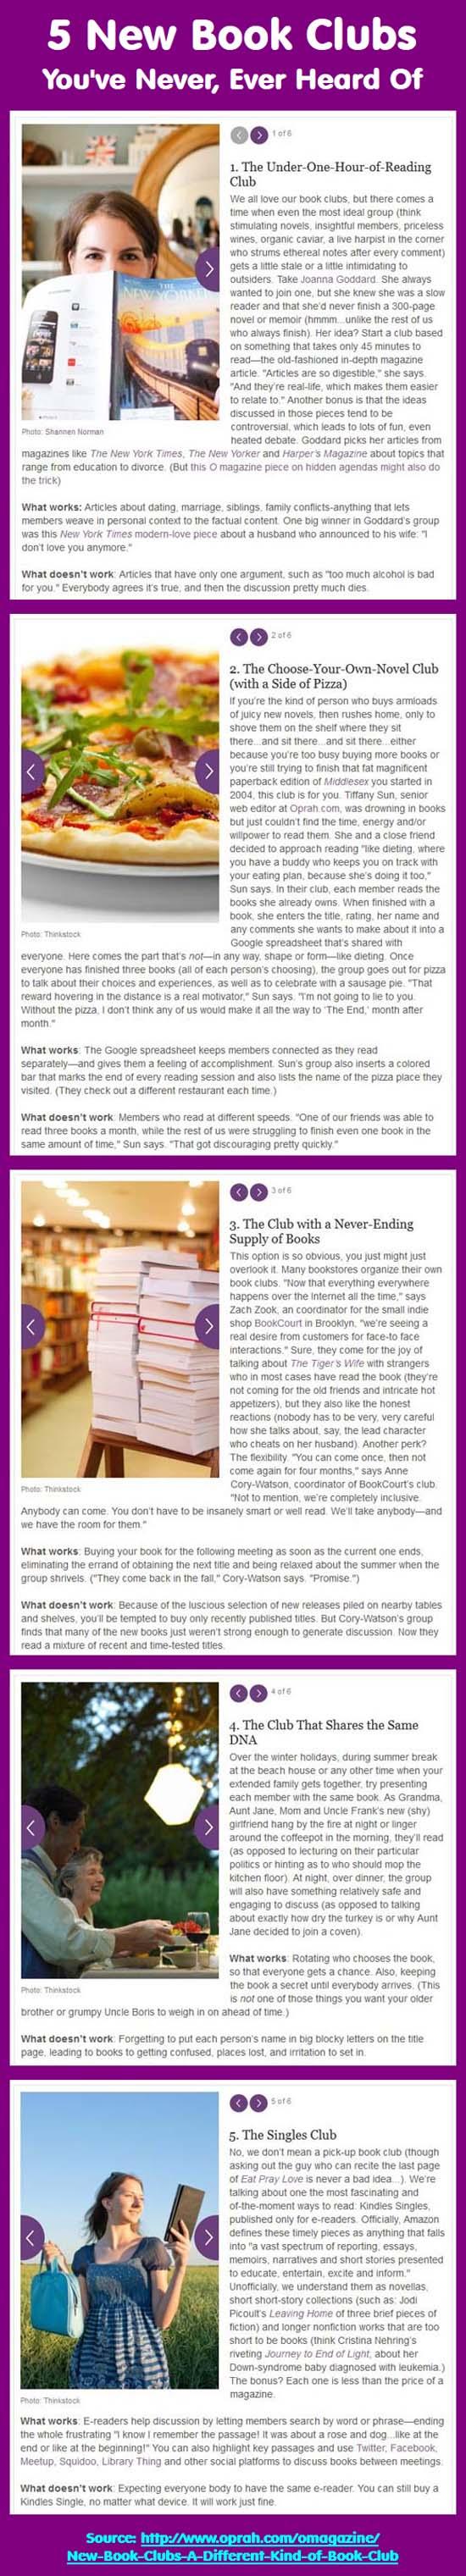 5 book clubs